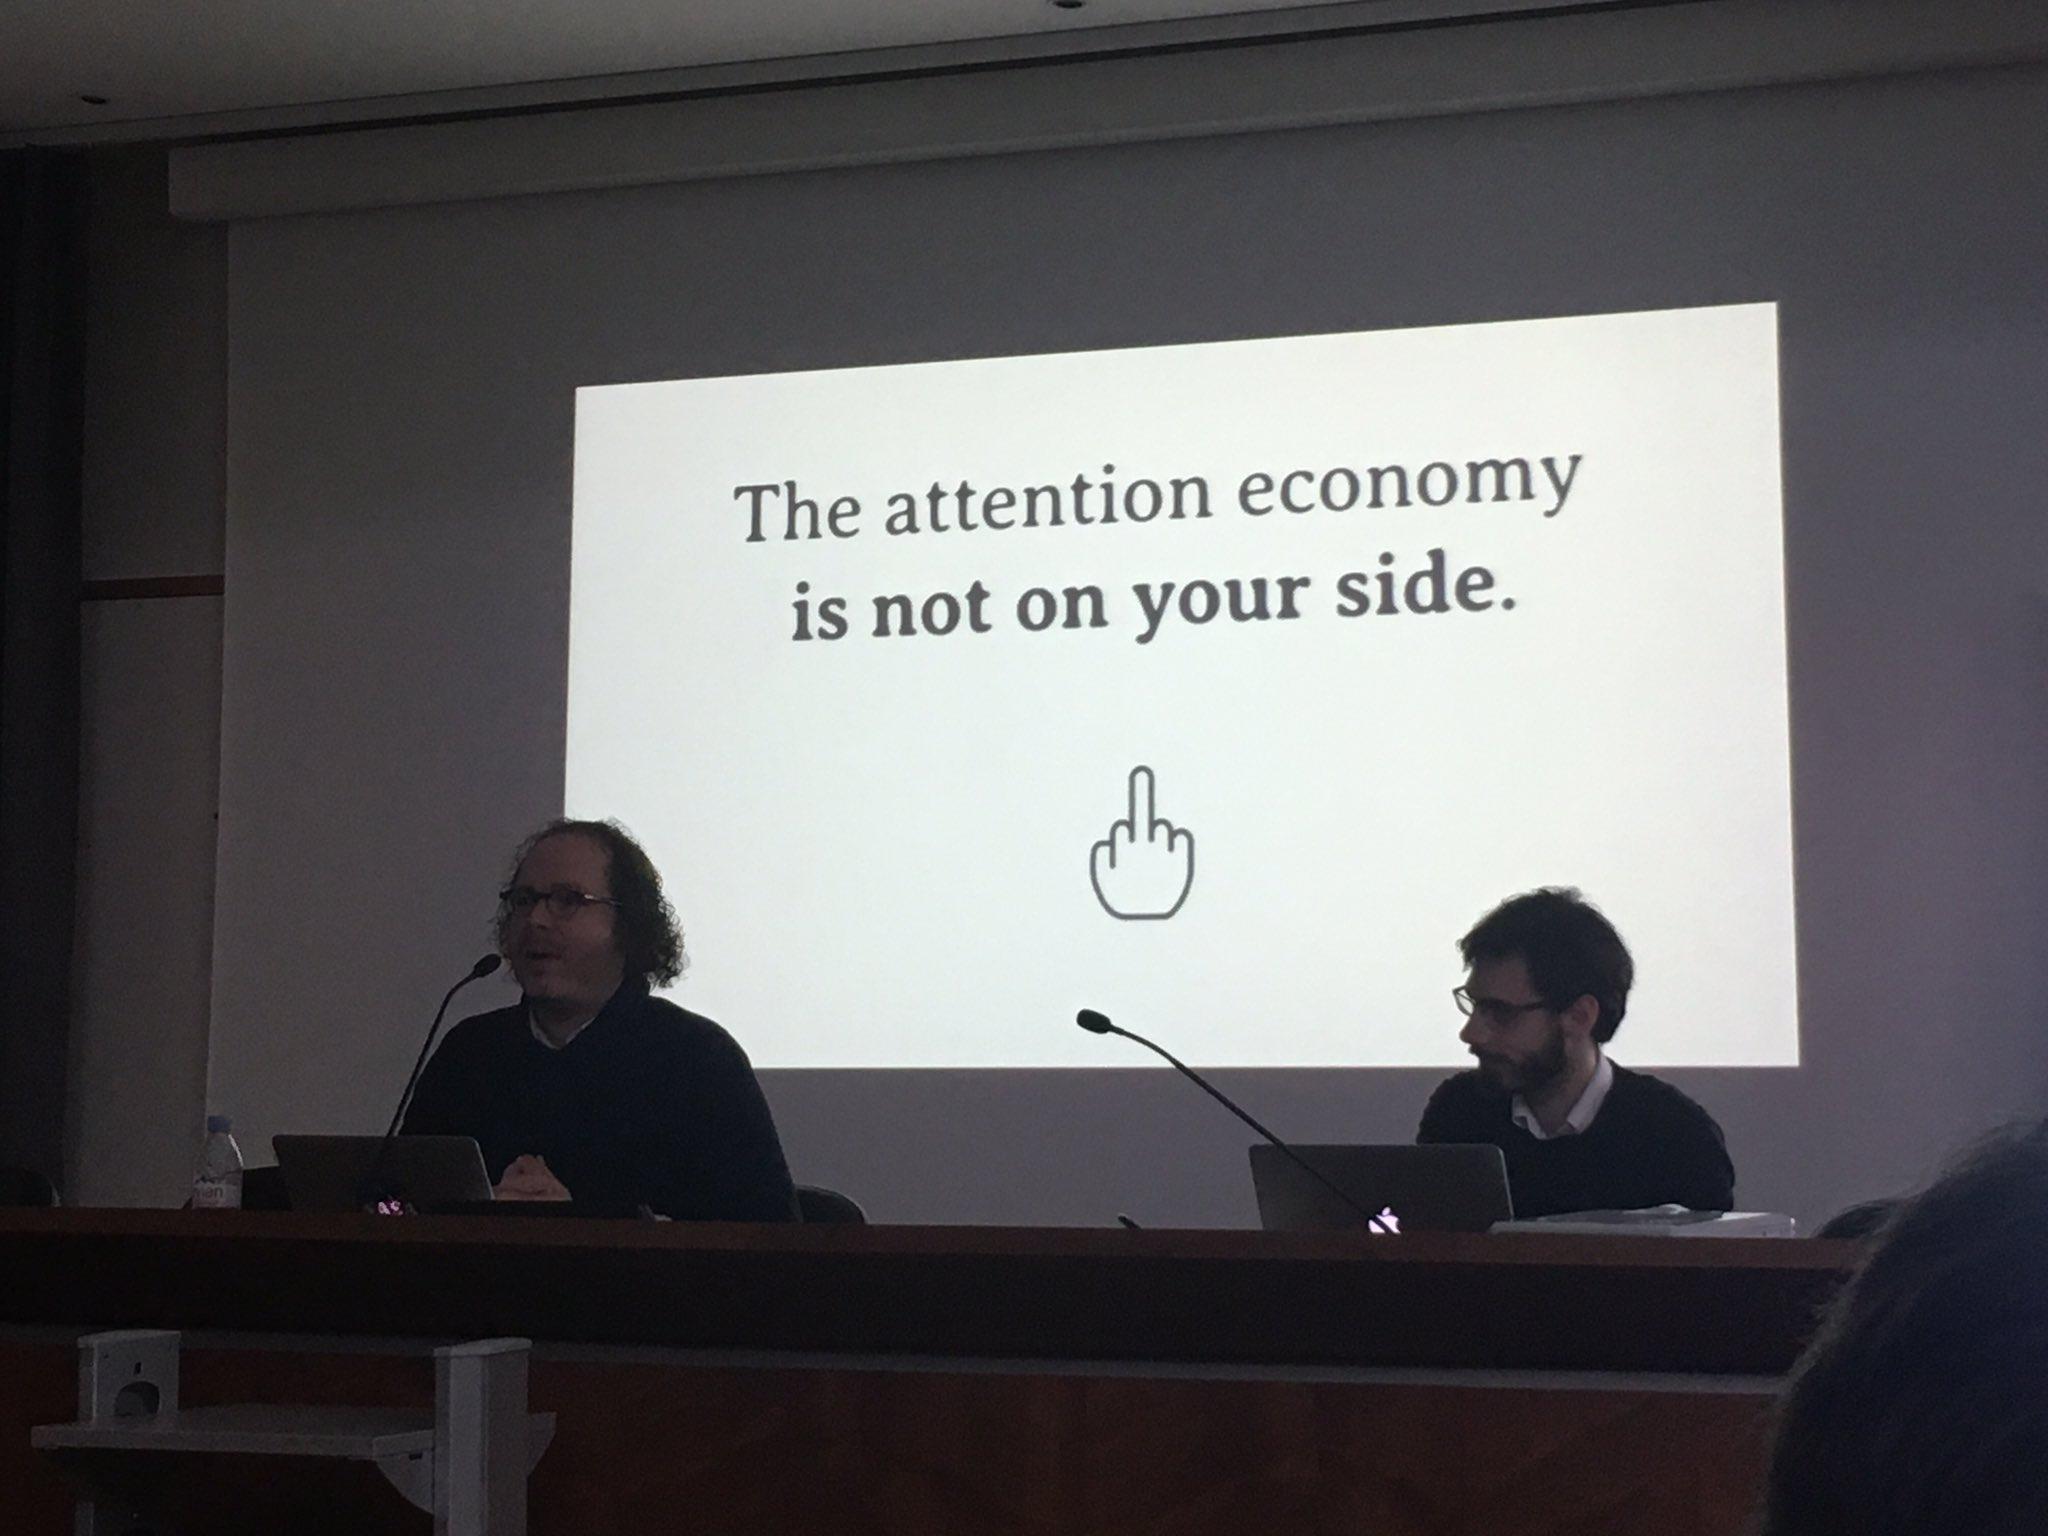 #ethicsbydesign : conférence de James Williams sur l'économie de l'attention https://t.co/gFBMPeB7Xl